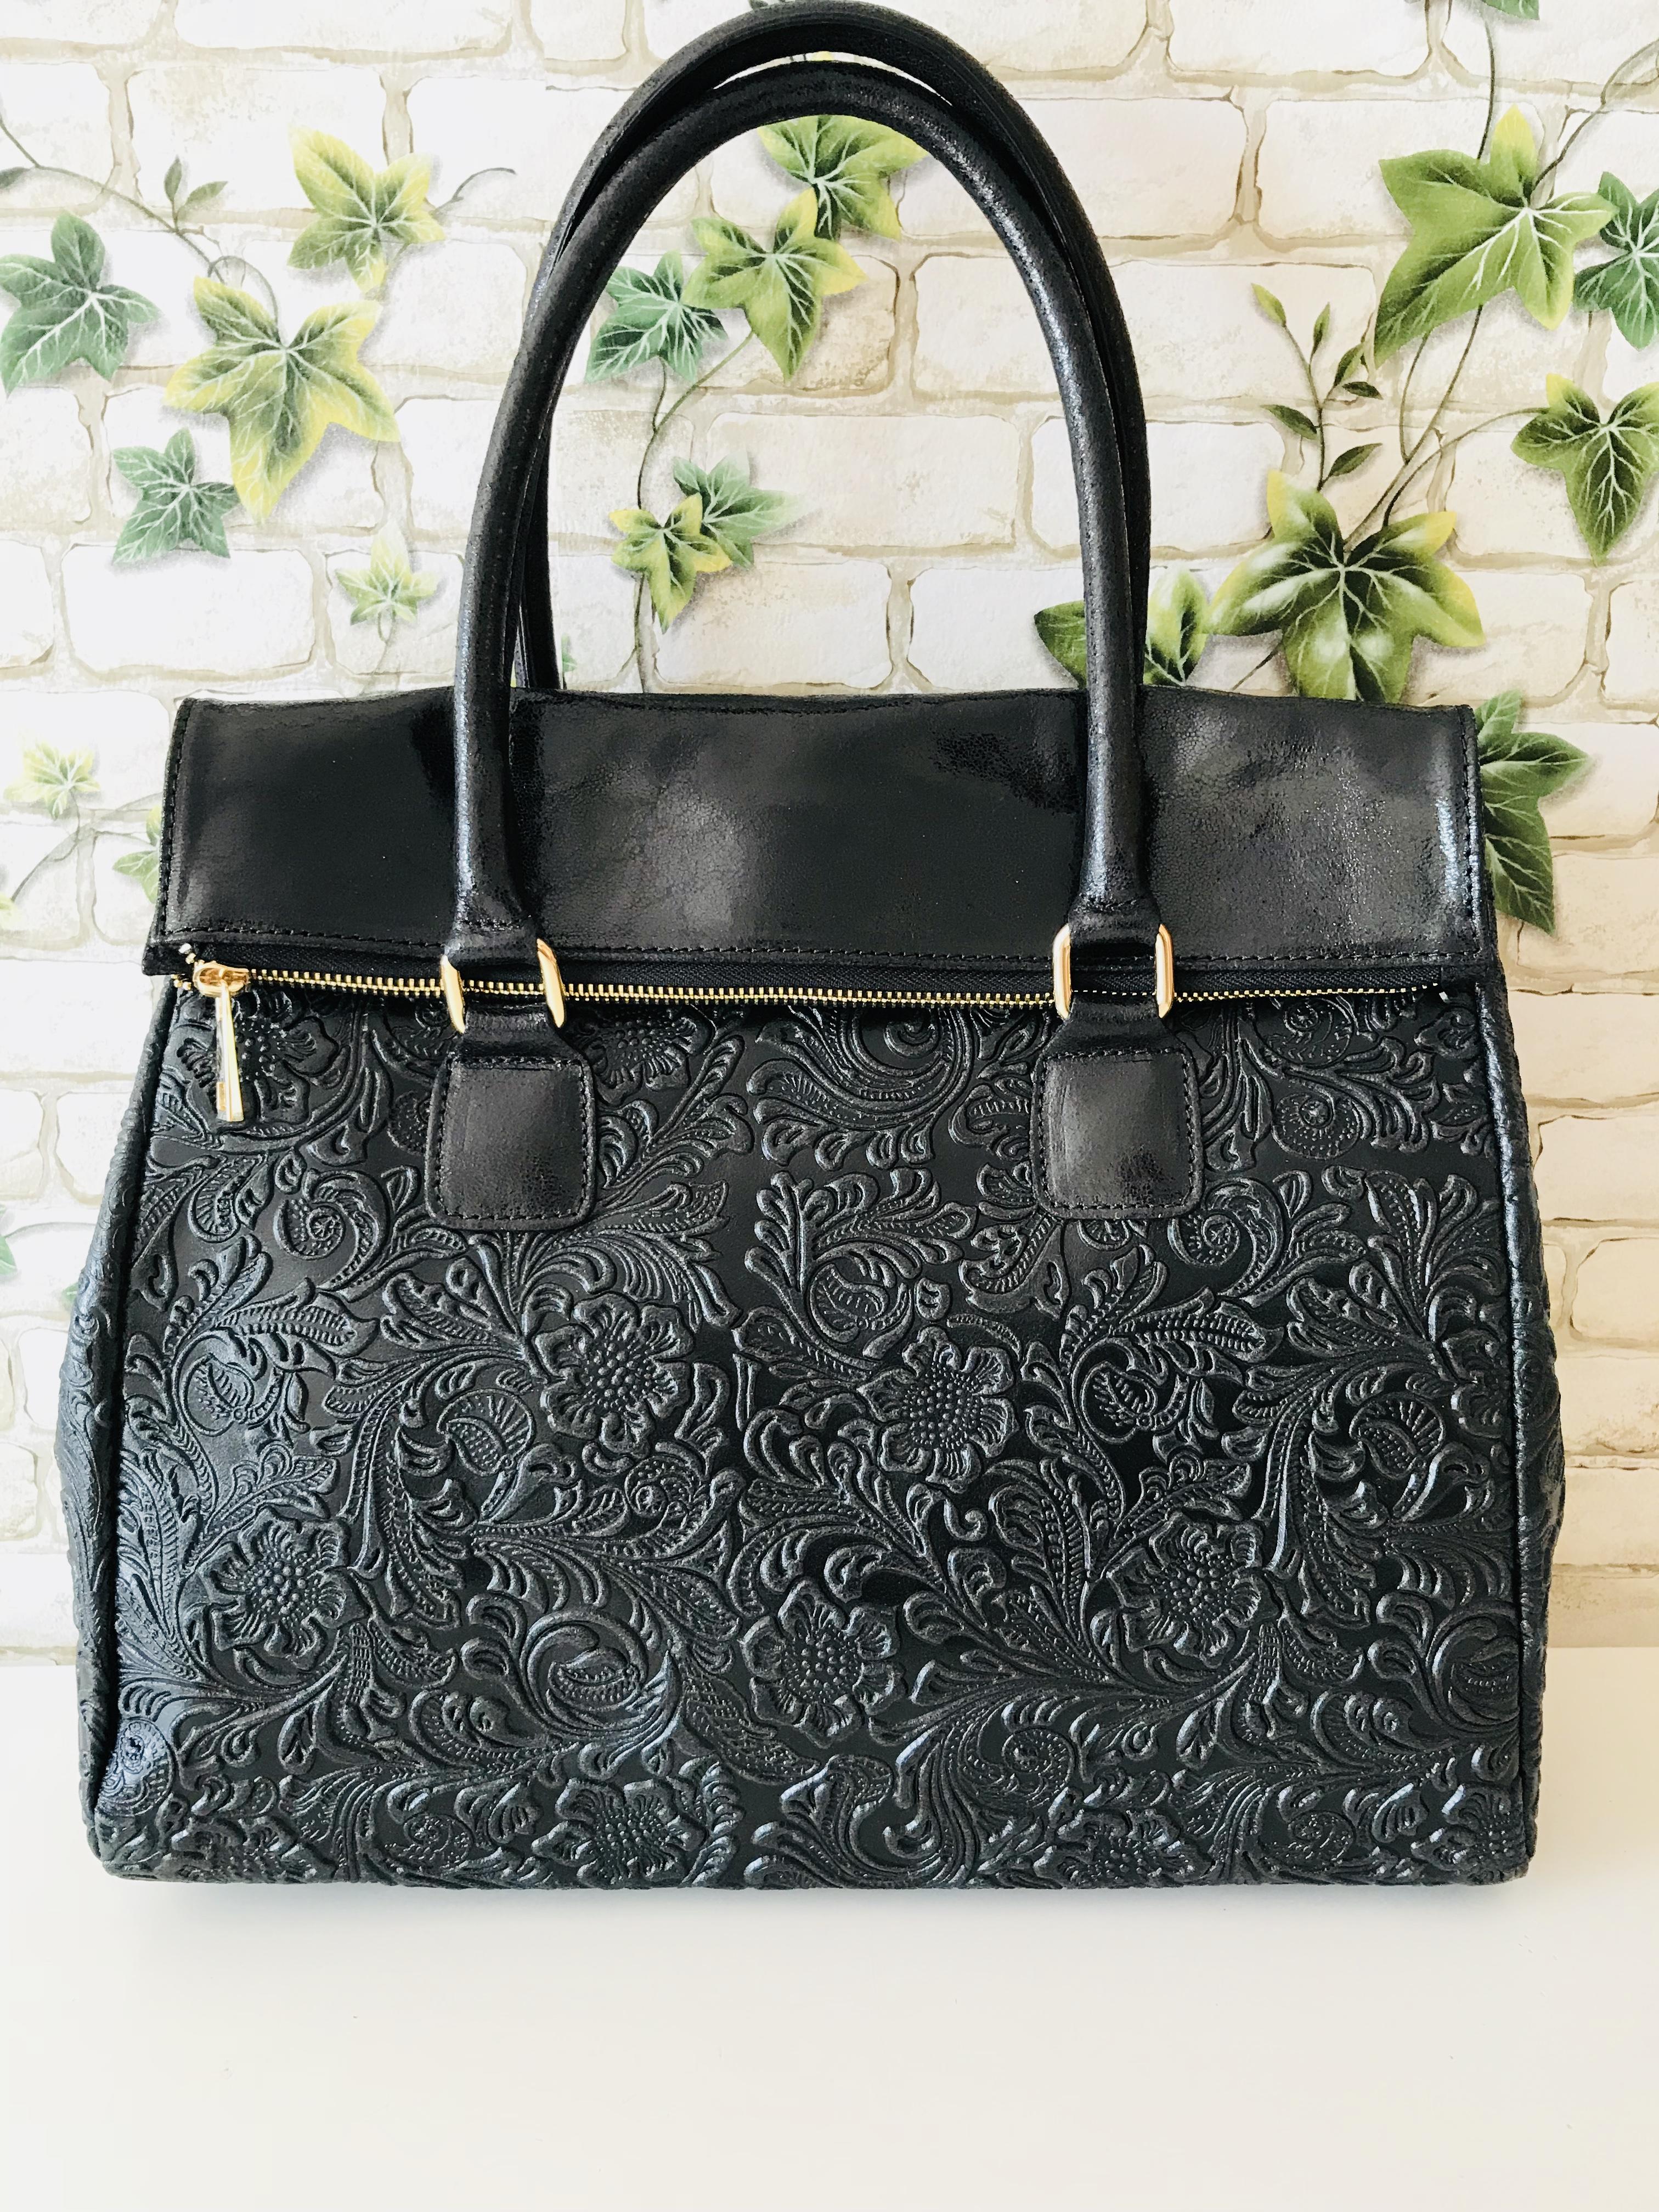 e3db5a8638 Róma valódi olasz bőr táska fekete mintás - Orsi Outlet